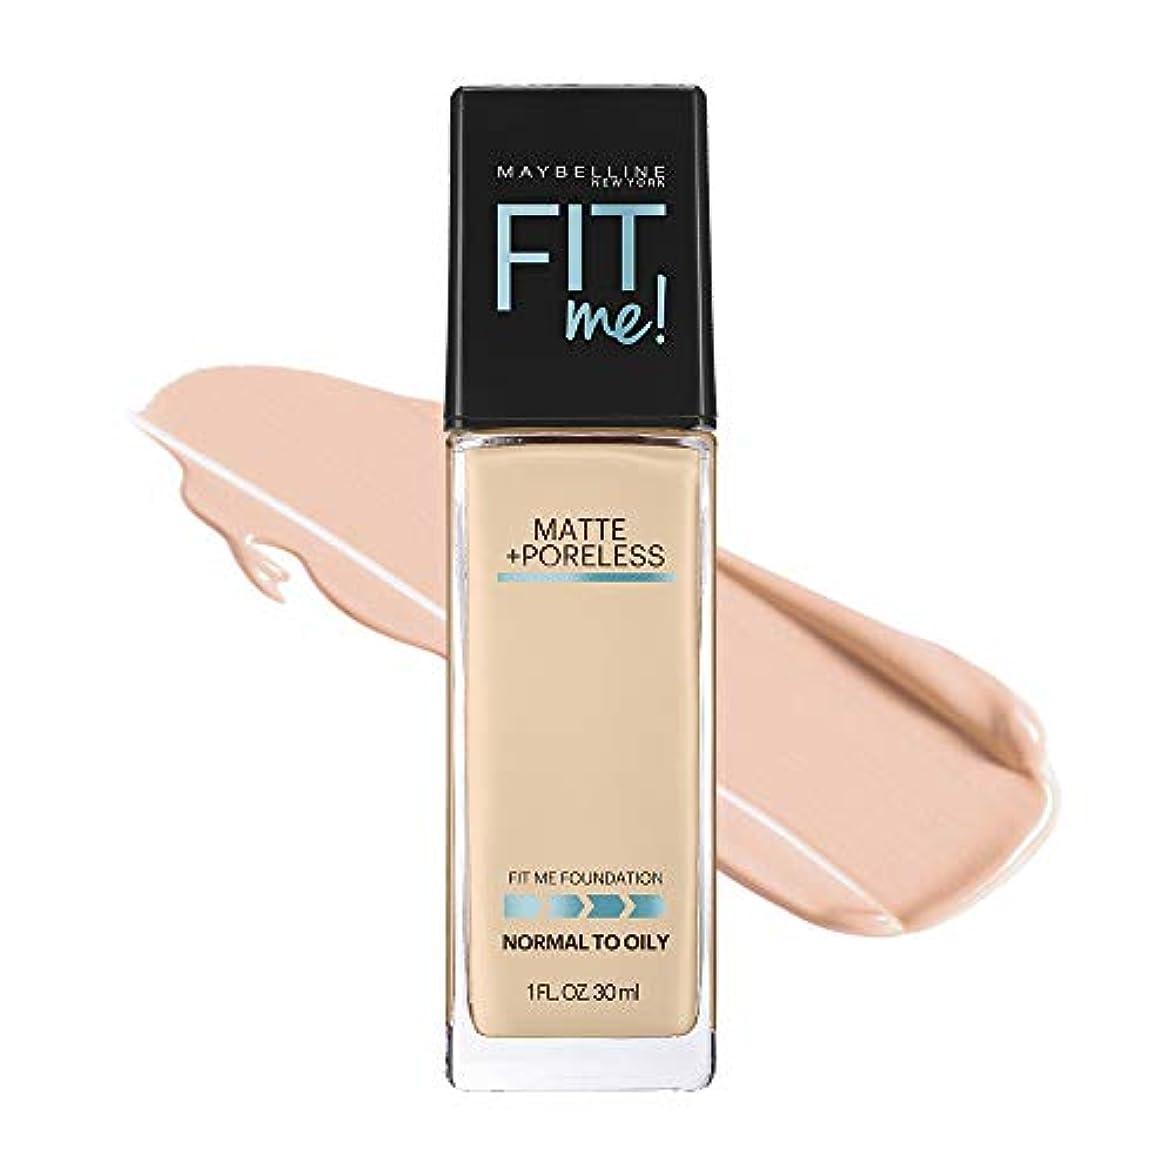 ブローホールスリーブインターネットメイベリン フィットミー リキッド ファンデーション 115 標準的な肌色(ピンク系)